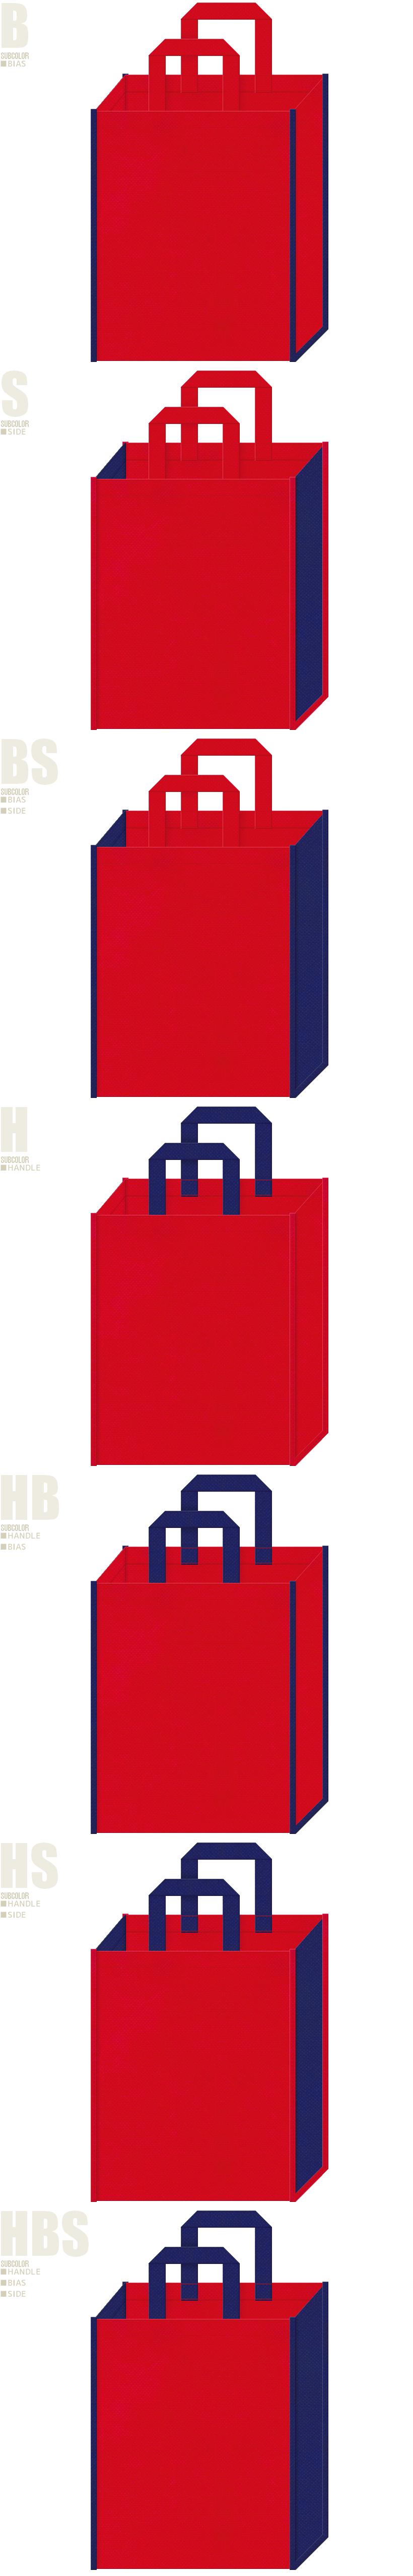 夏祭り・縁日・法被・花火大会・金魚すくい・サマーイベント・国旗・アメリカ・イギリス・フランス・海外旅行・トラベルバッグ・語学教室・レッスンバッグにお奨めの不織布バッグデザイン:紅色と明るい紺色の配色7パターン